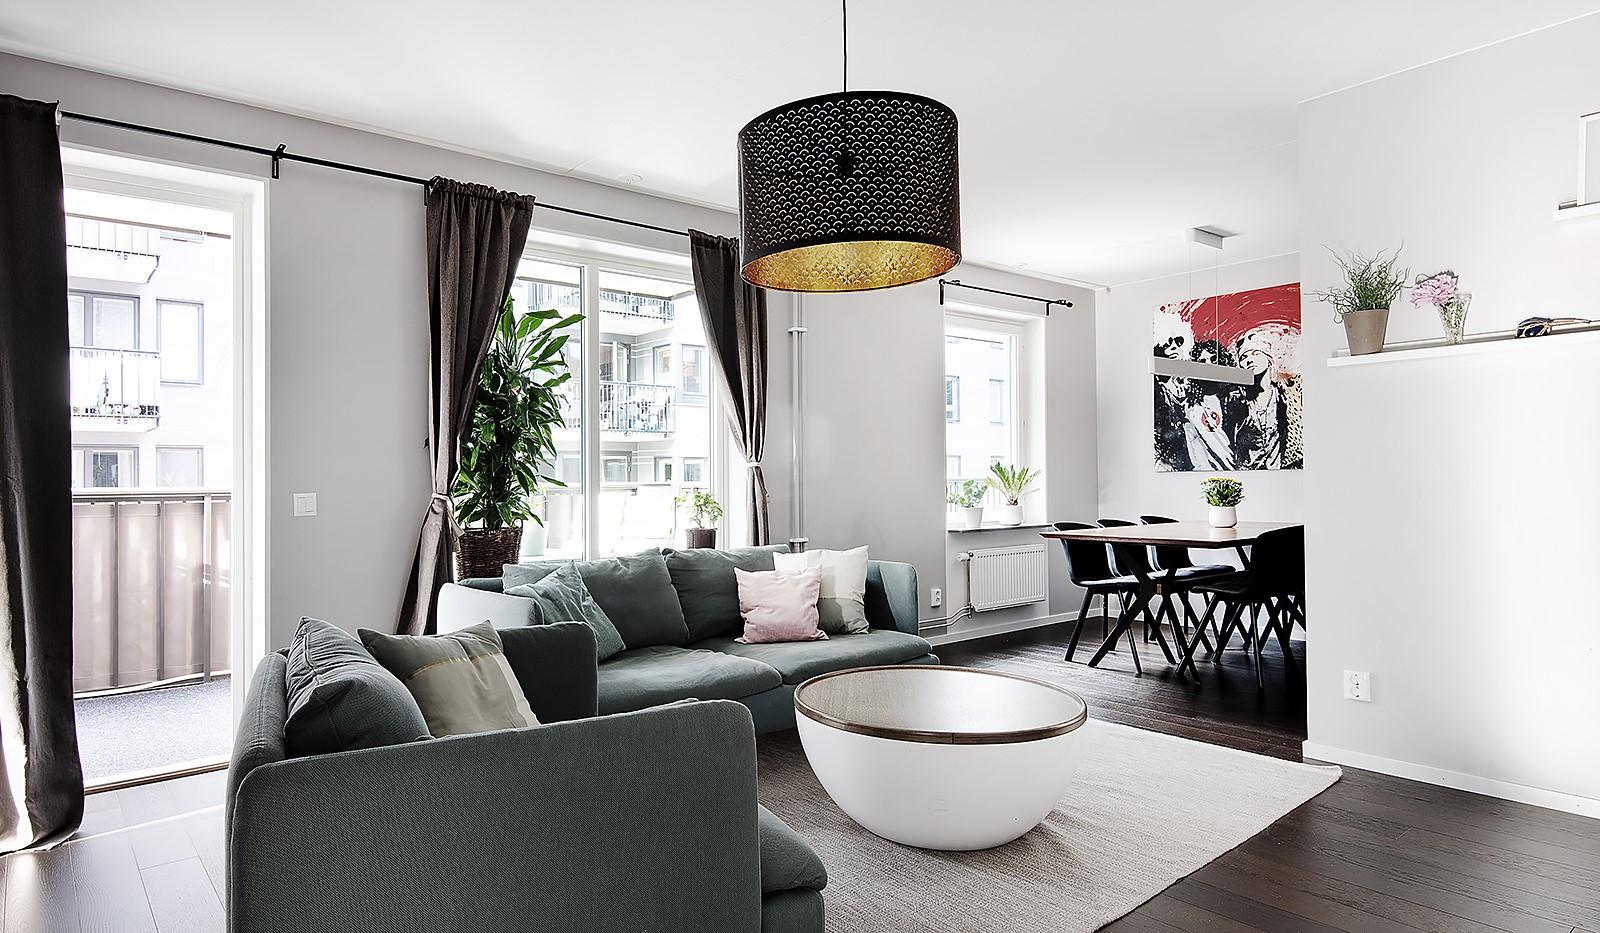 Oskarslundsbacken 1, 2tr - Stort vardagsrum med många fönster